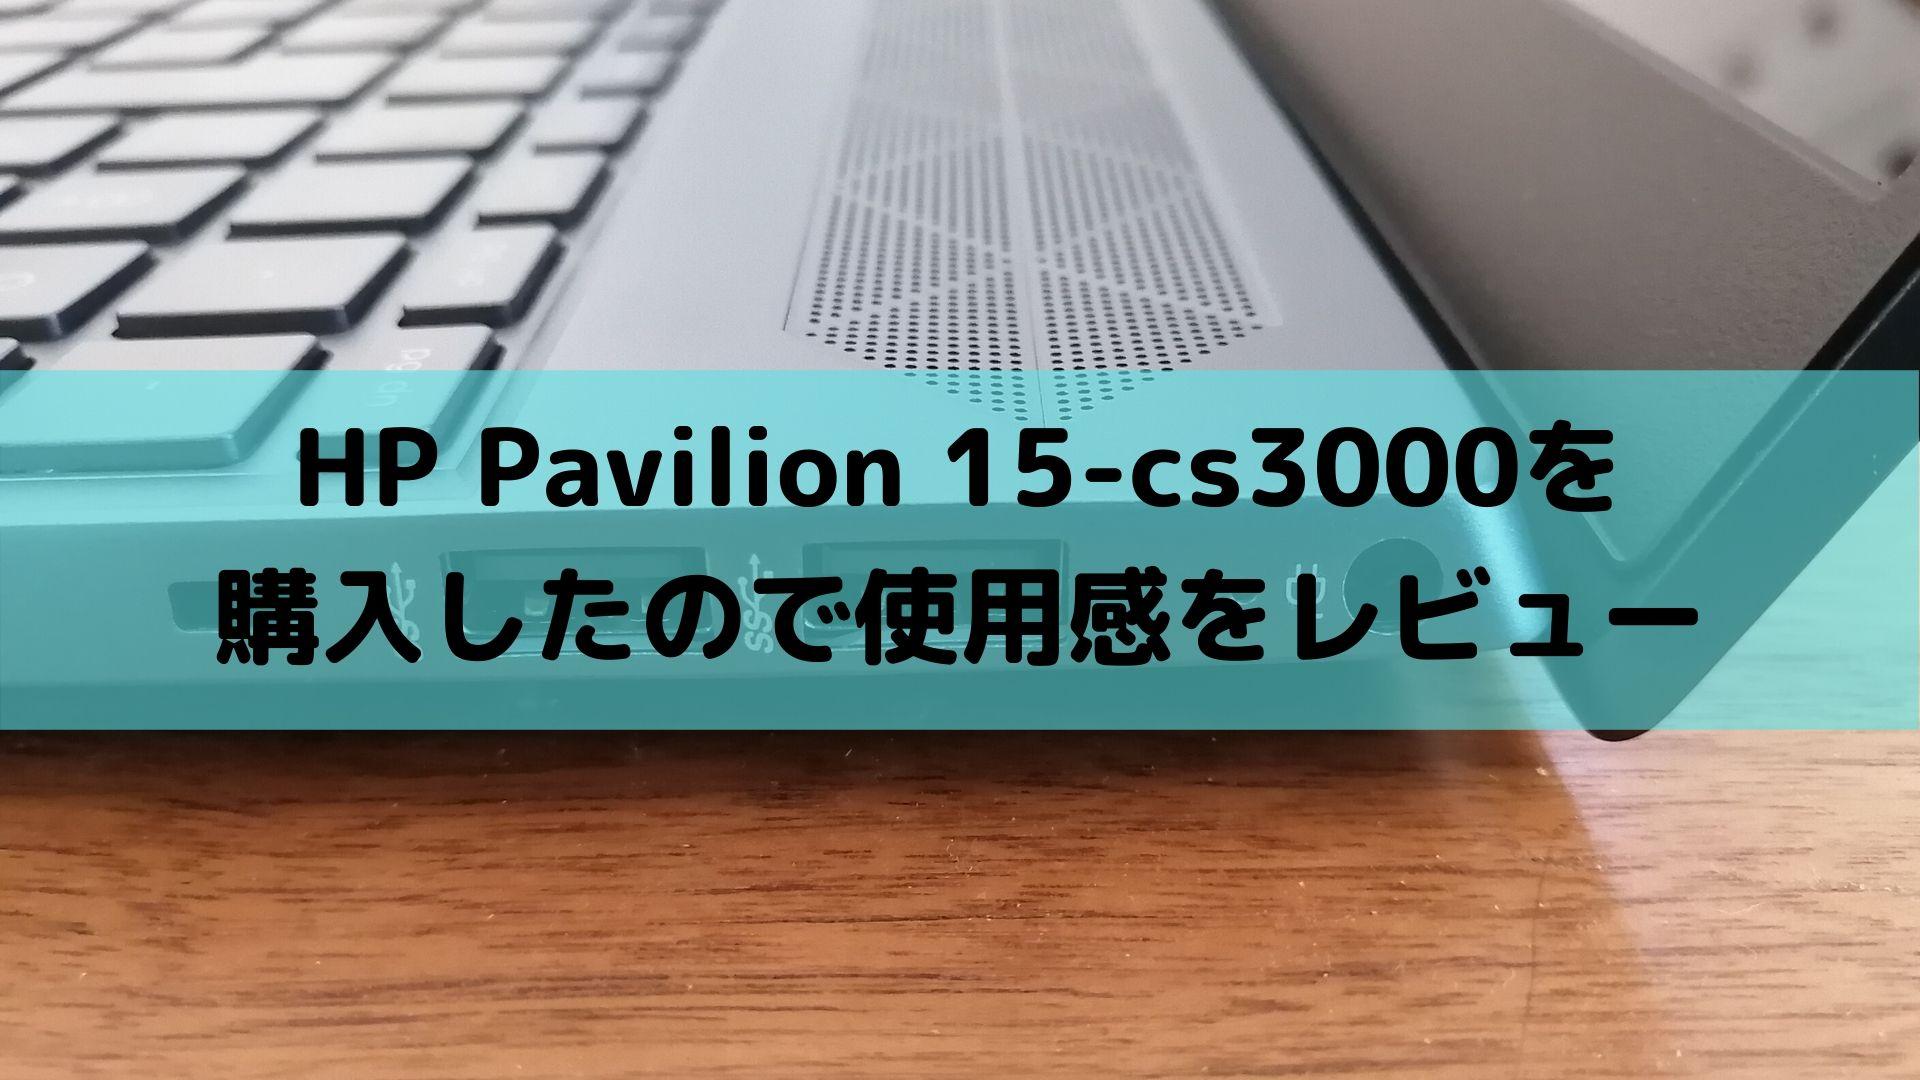 HP Pavilion 15-cs3000を購入したので使用感をレビュー